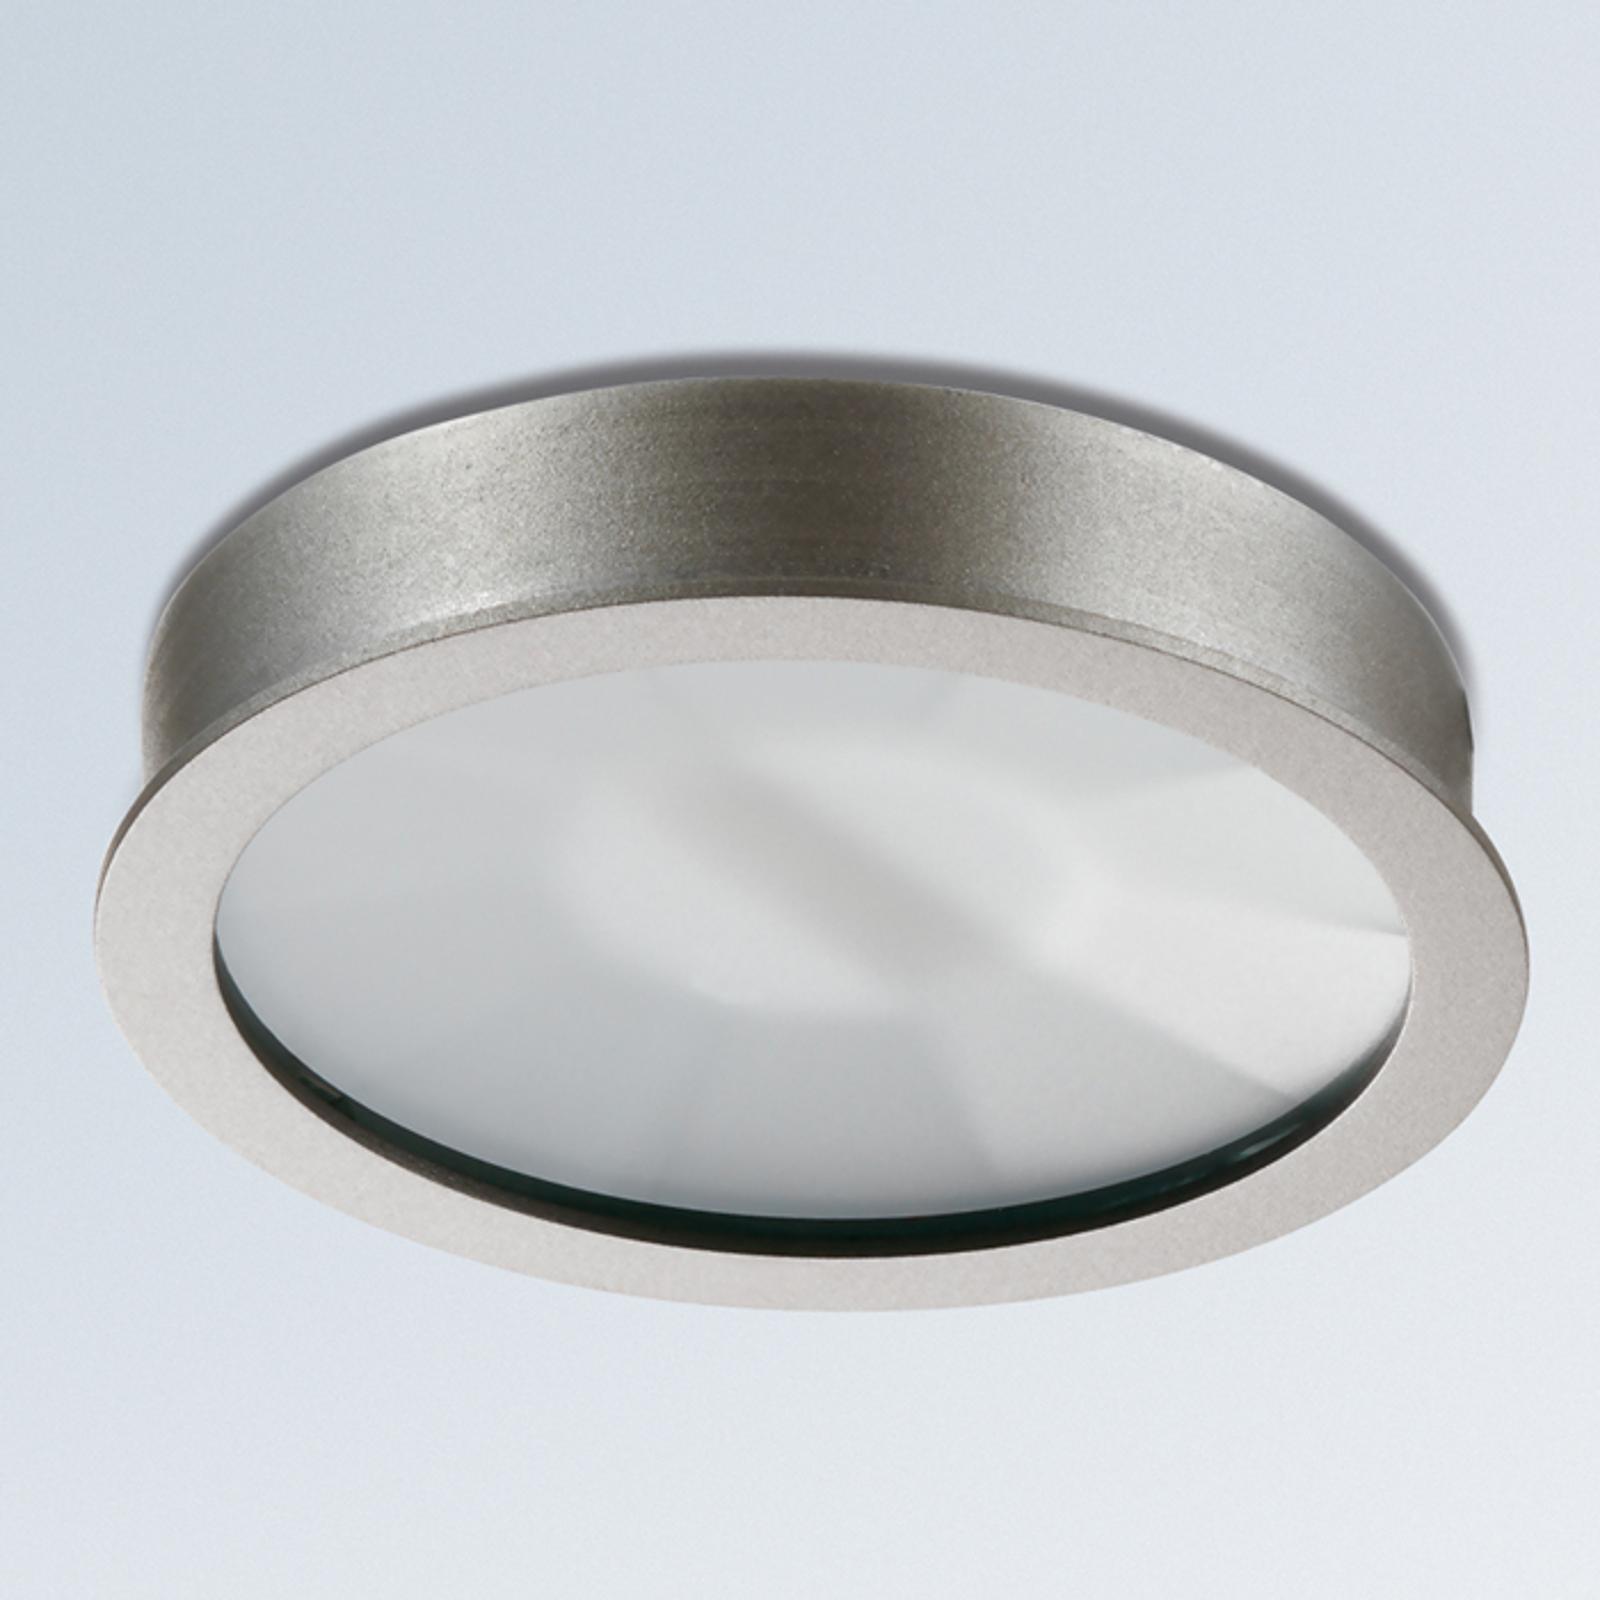 Zapustené LED svietidlo Cubic 68 2700K, 4,2W_3025211_1